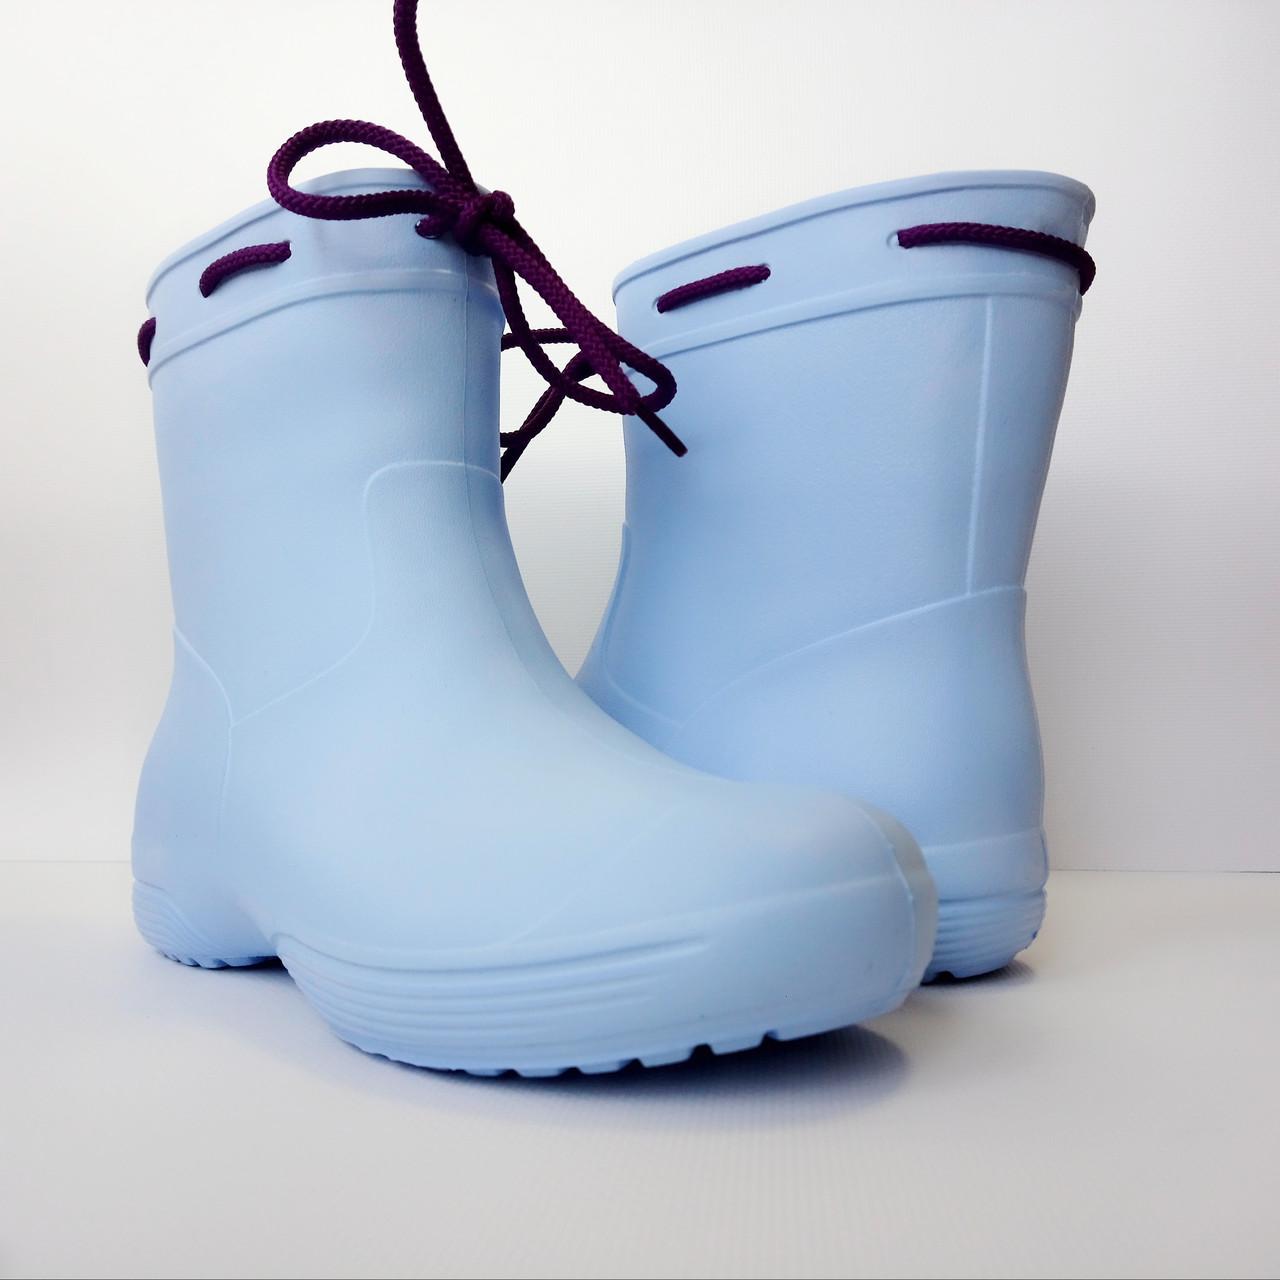 Синие сапоги на слякоть и дождь р. 36,37,38, 39, 40, 41 Резиновые сапоги. Сделано в Украине.